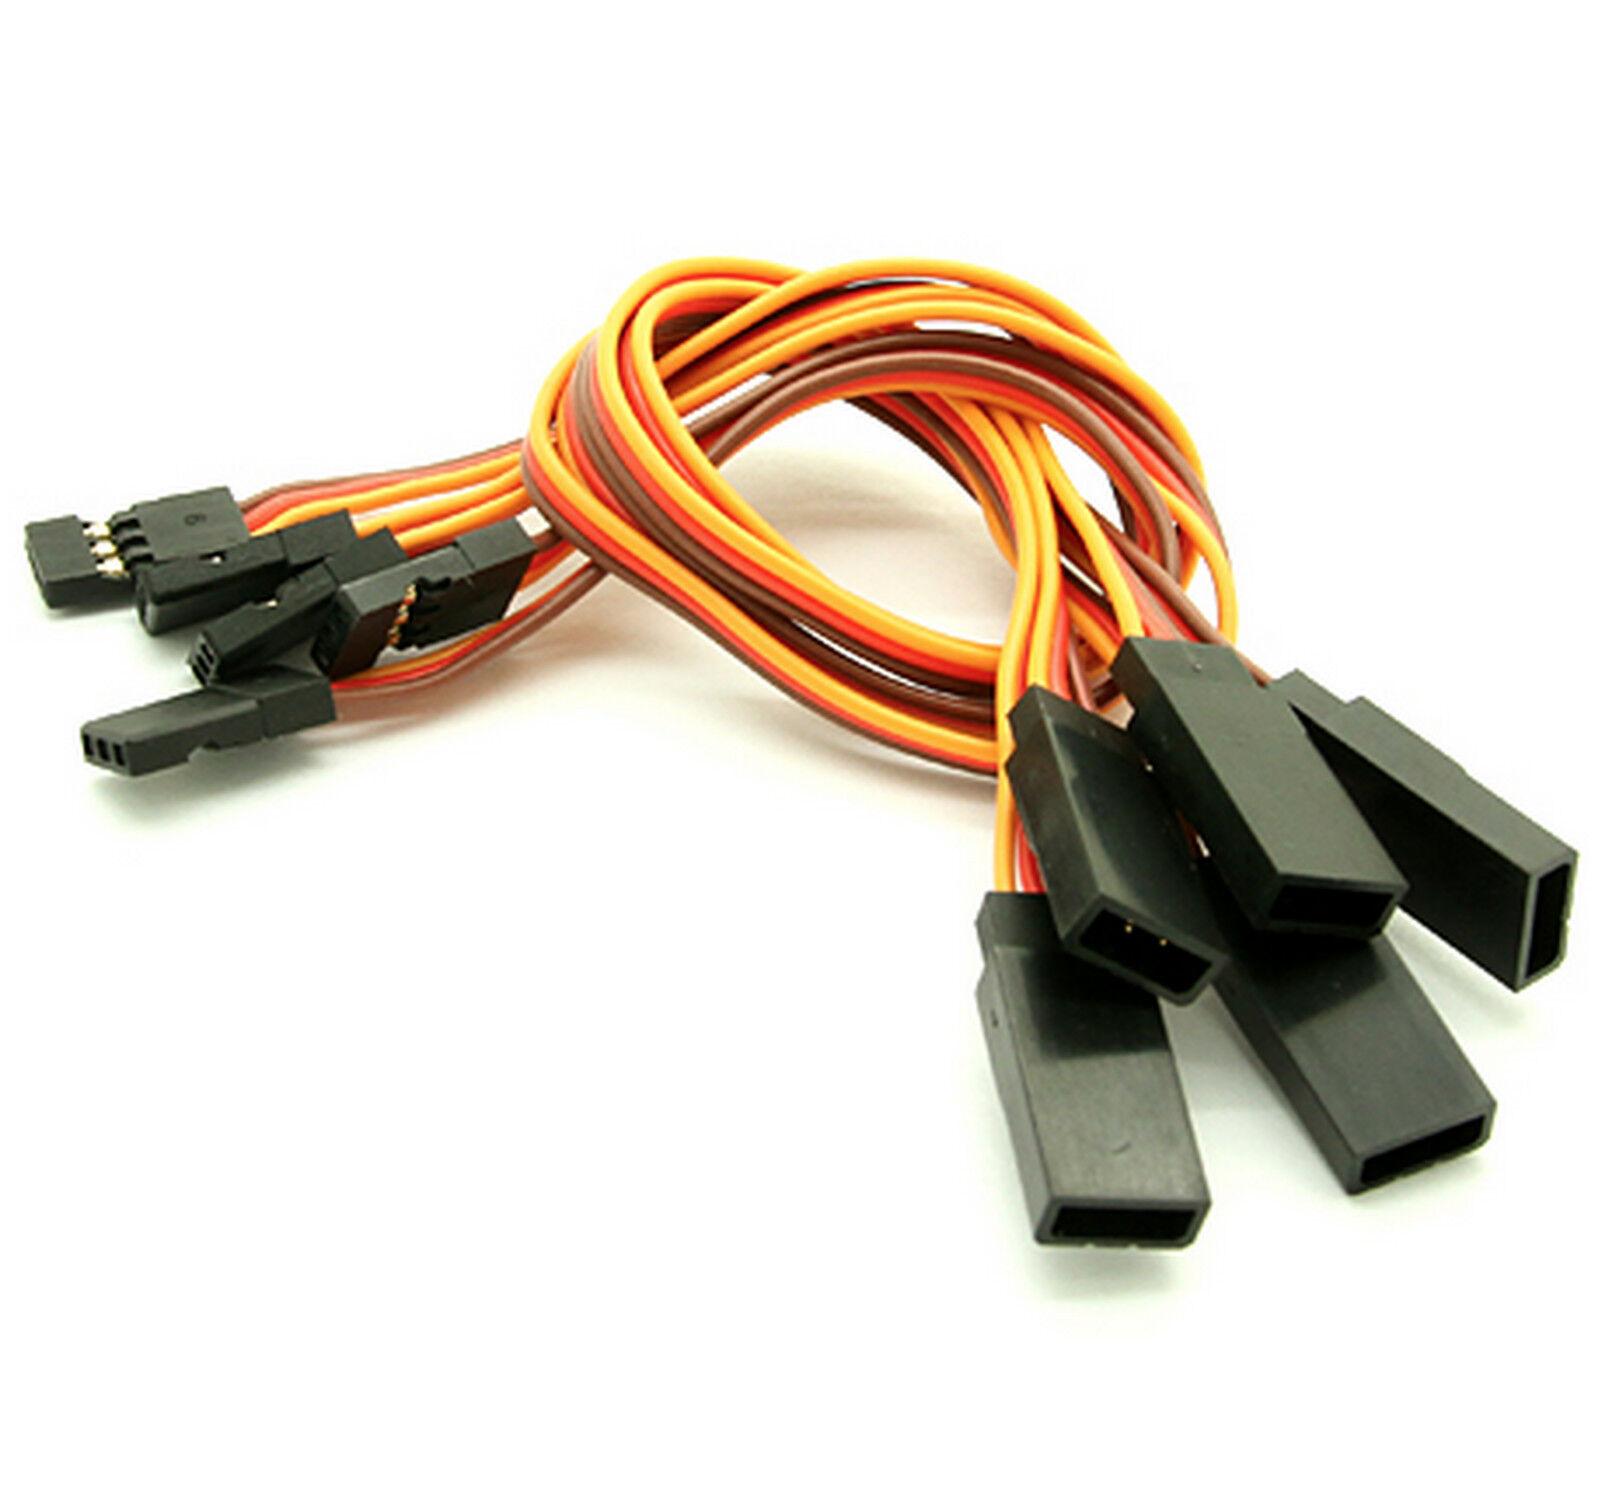 20 servokabel alargador 30cm cable prórroga jr grispner Robbe 26awg